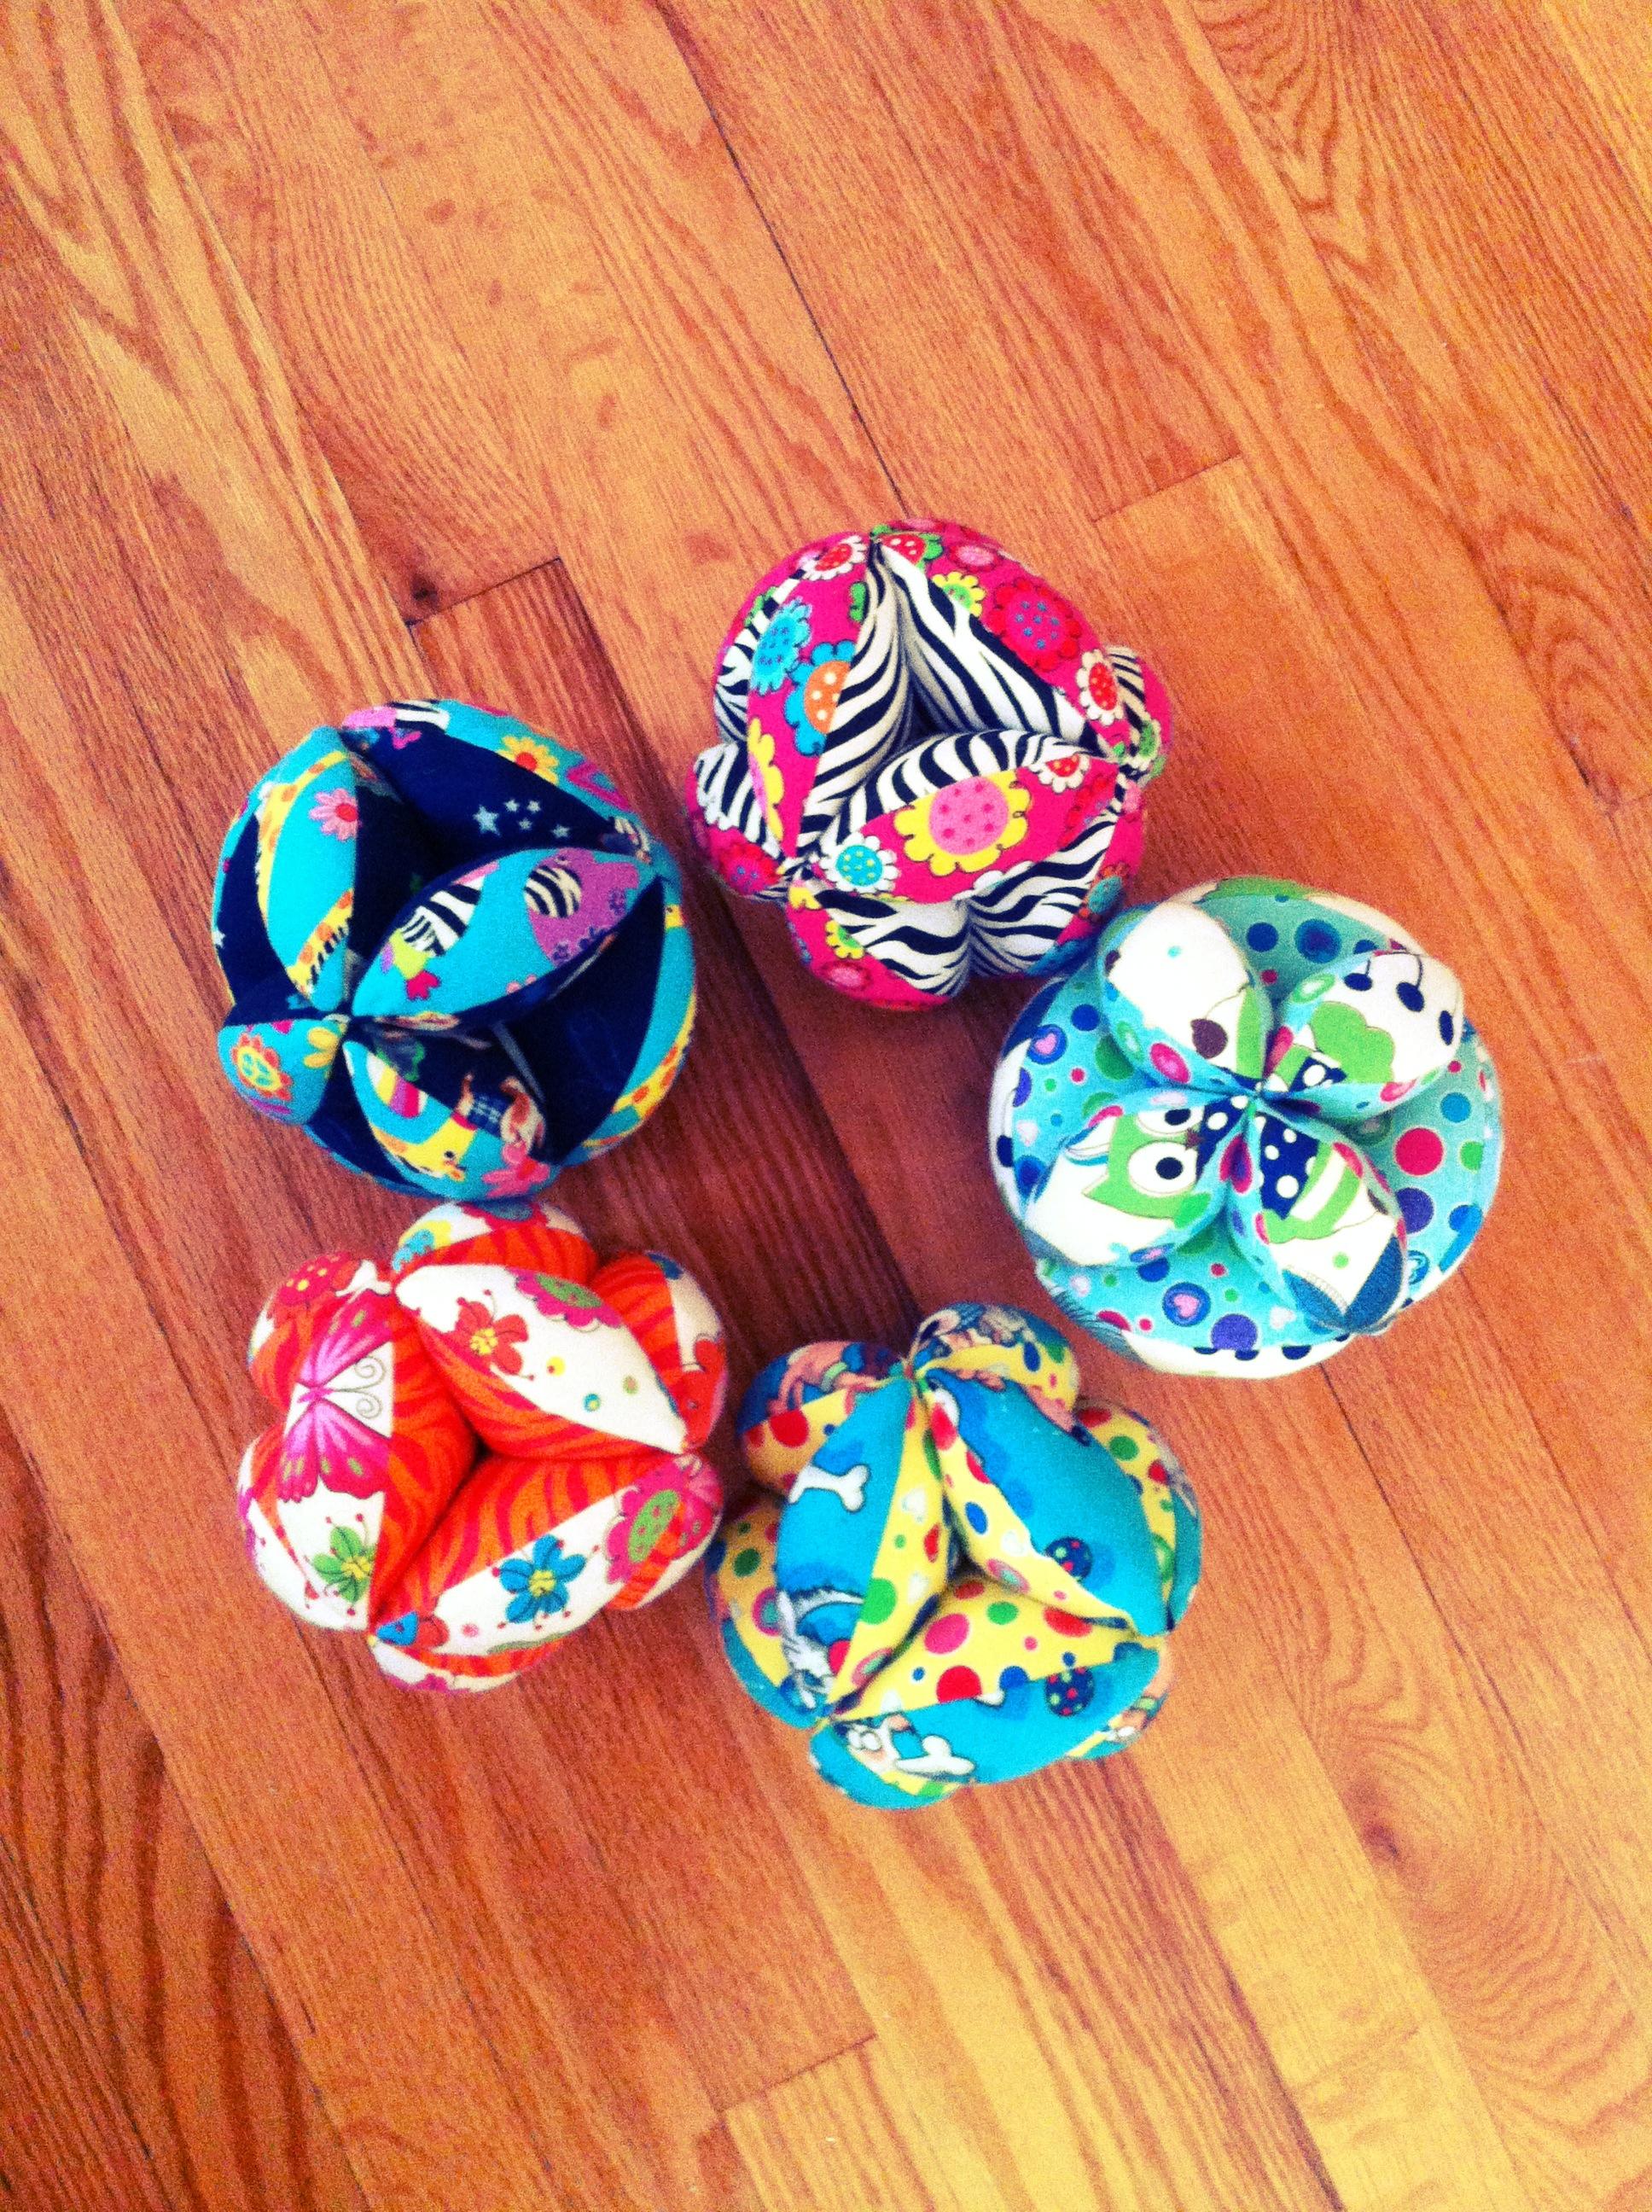 Puzzle balls for Fabri-Quilt